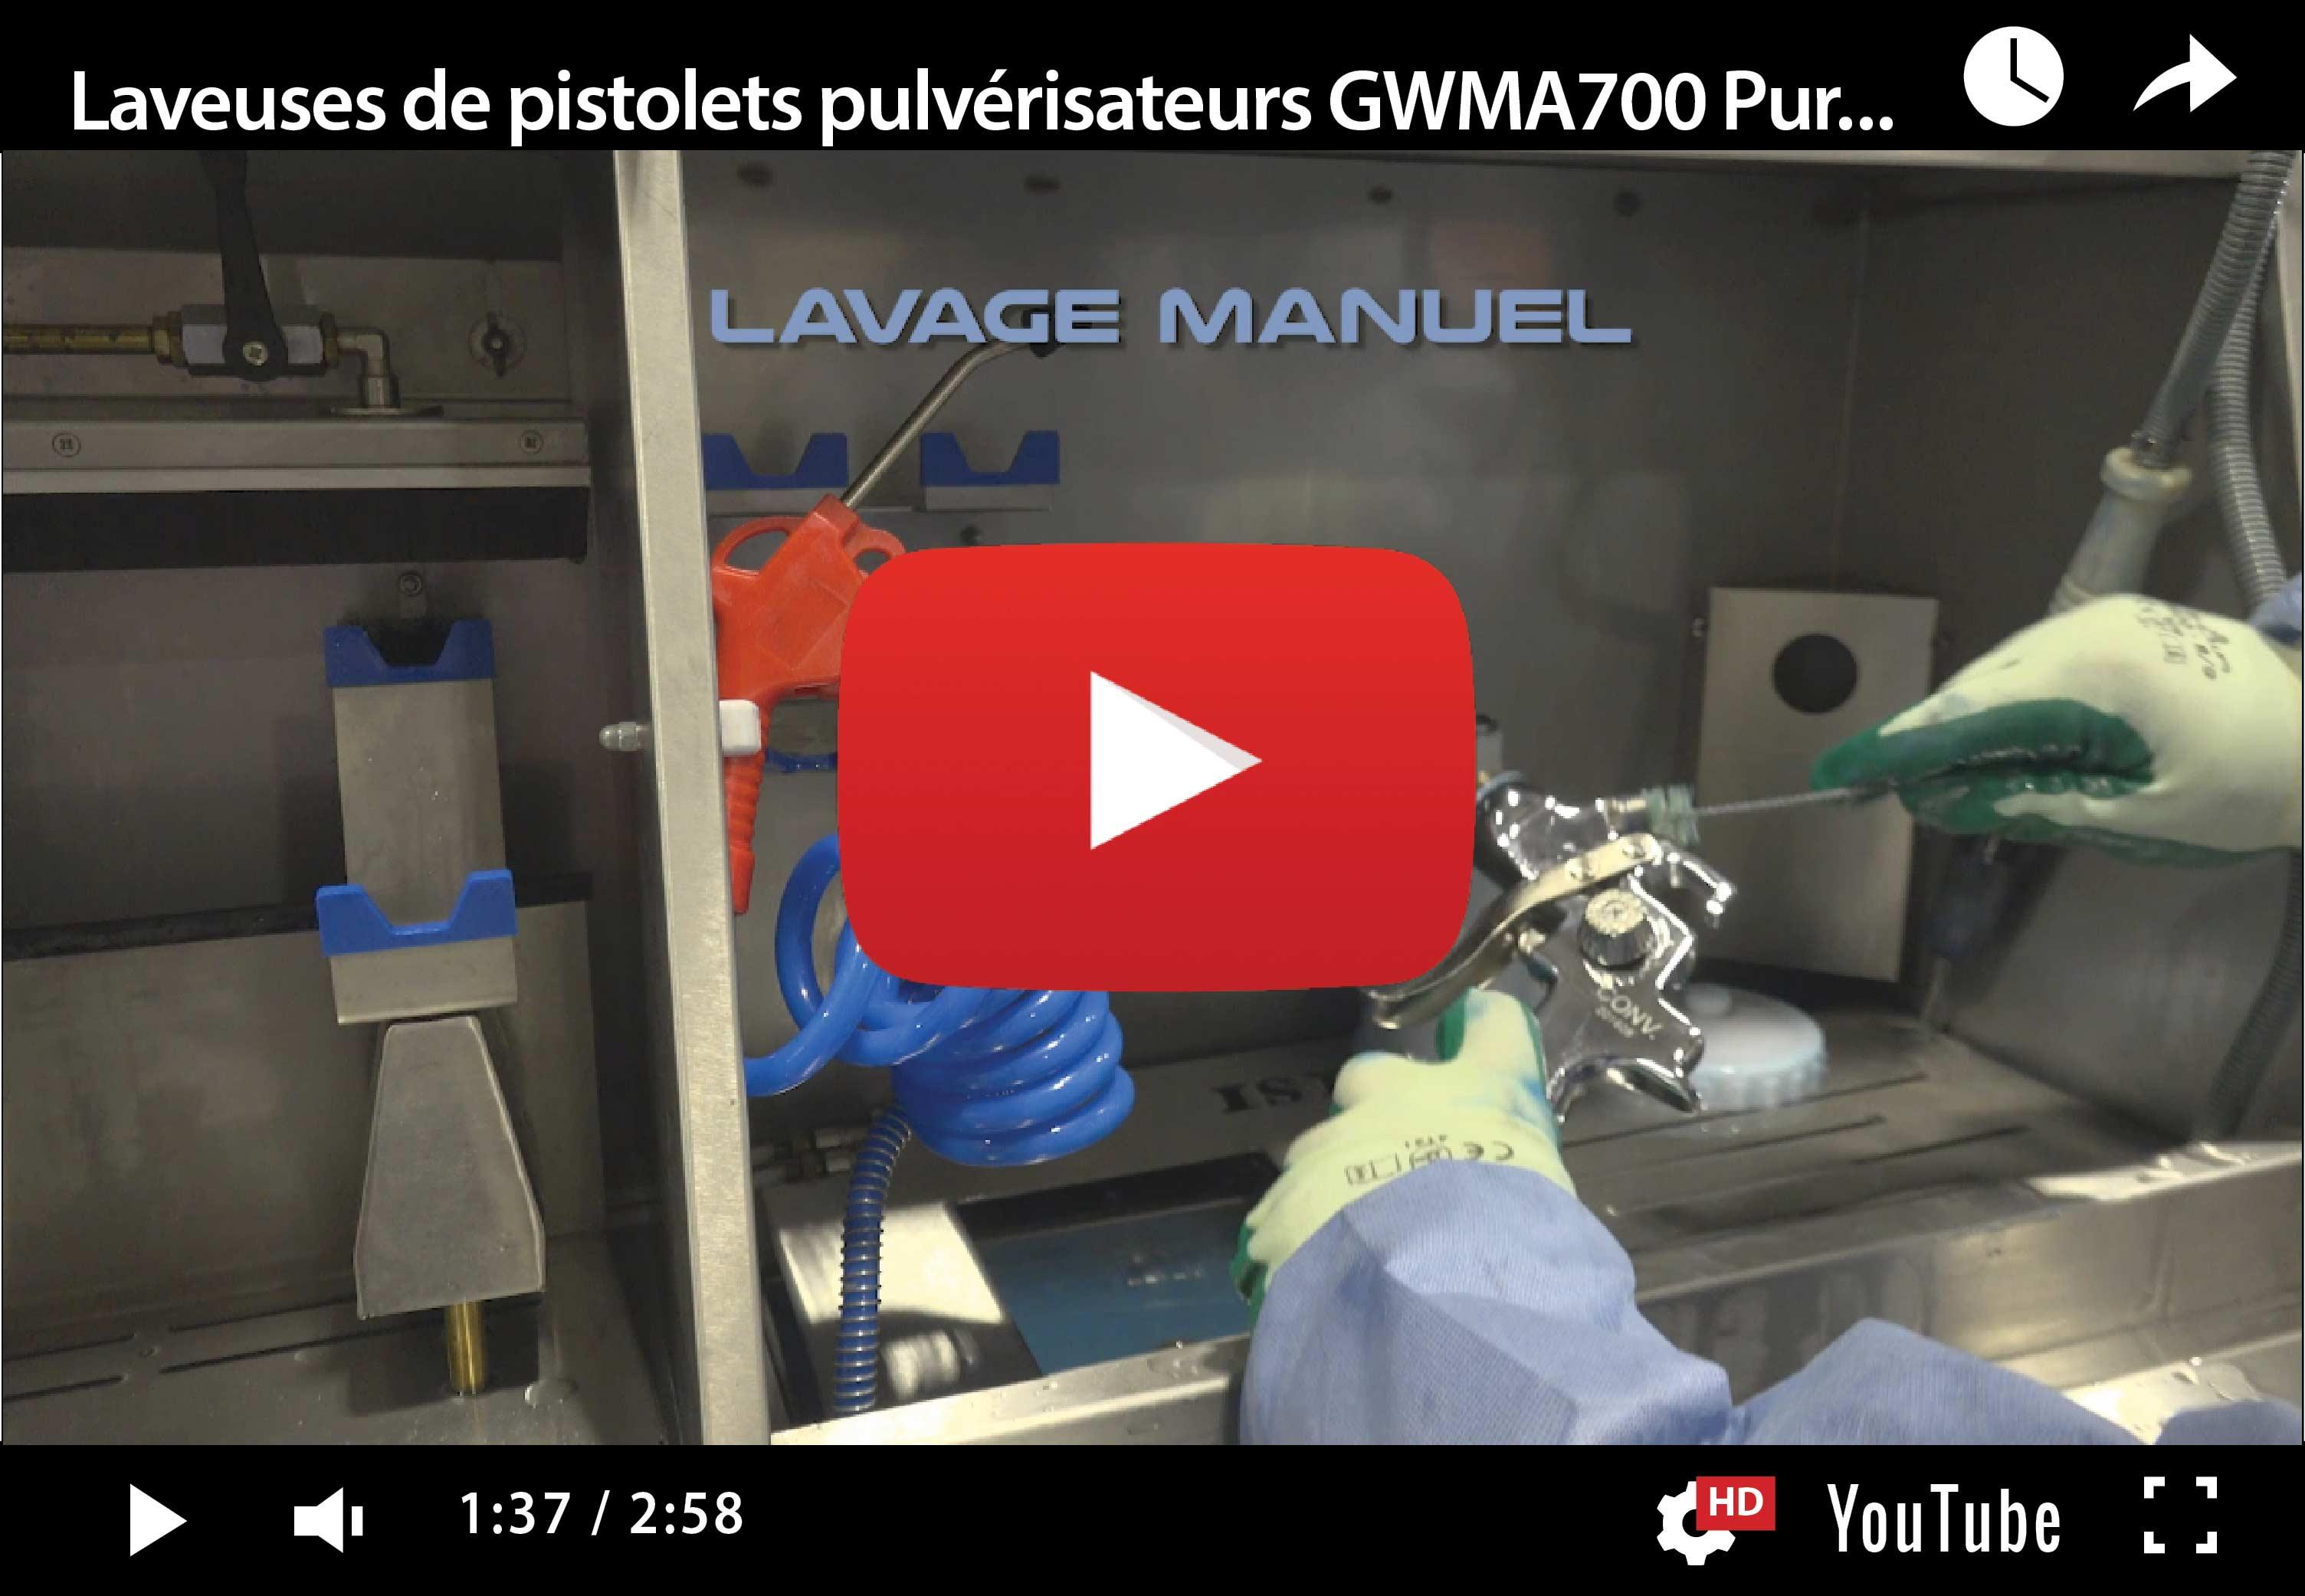 GMWA 700 PURETECH – Laveuse de pistolets pulvérisateurs hybride